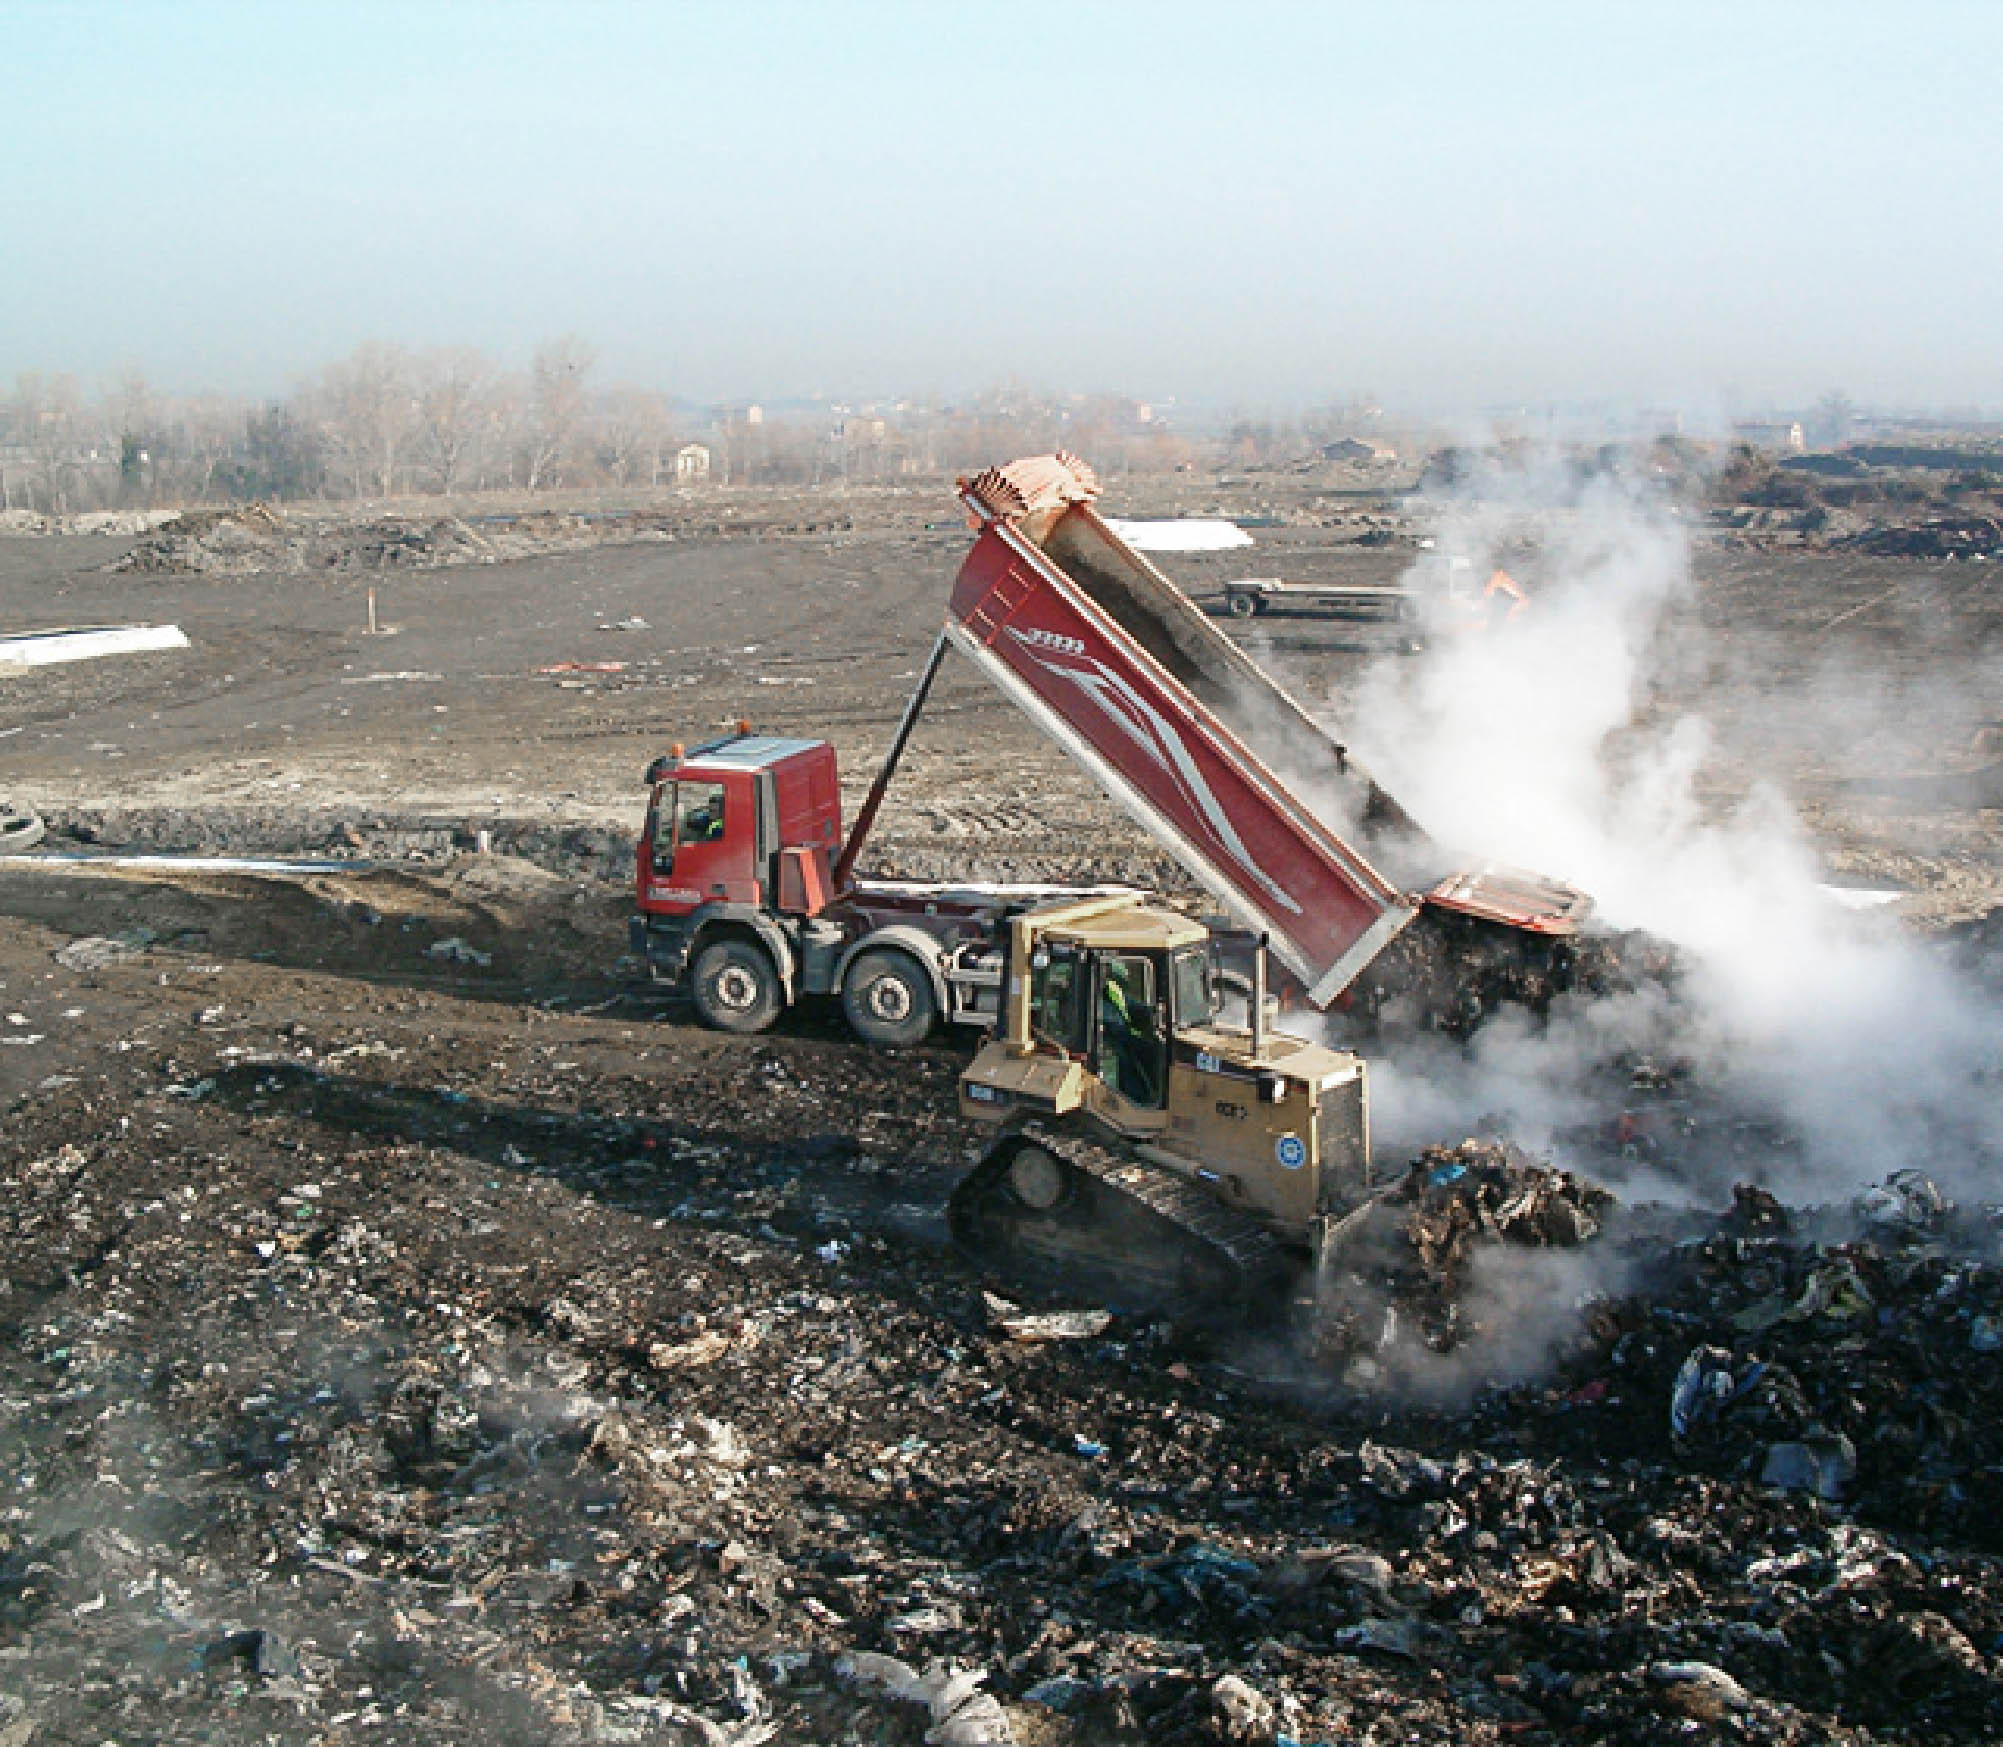 Smaltimento dei rifiuti e discariche per rifiuti non pericolosi Bellesia scavi